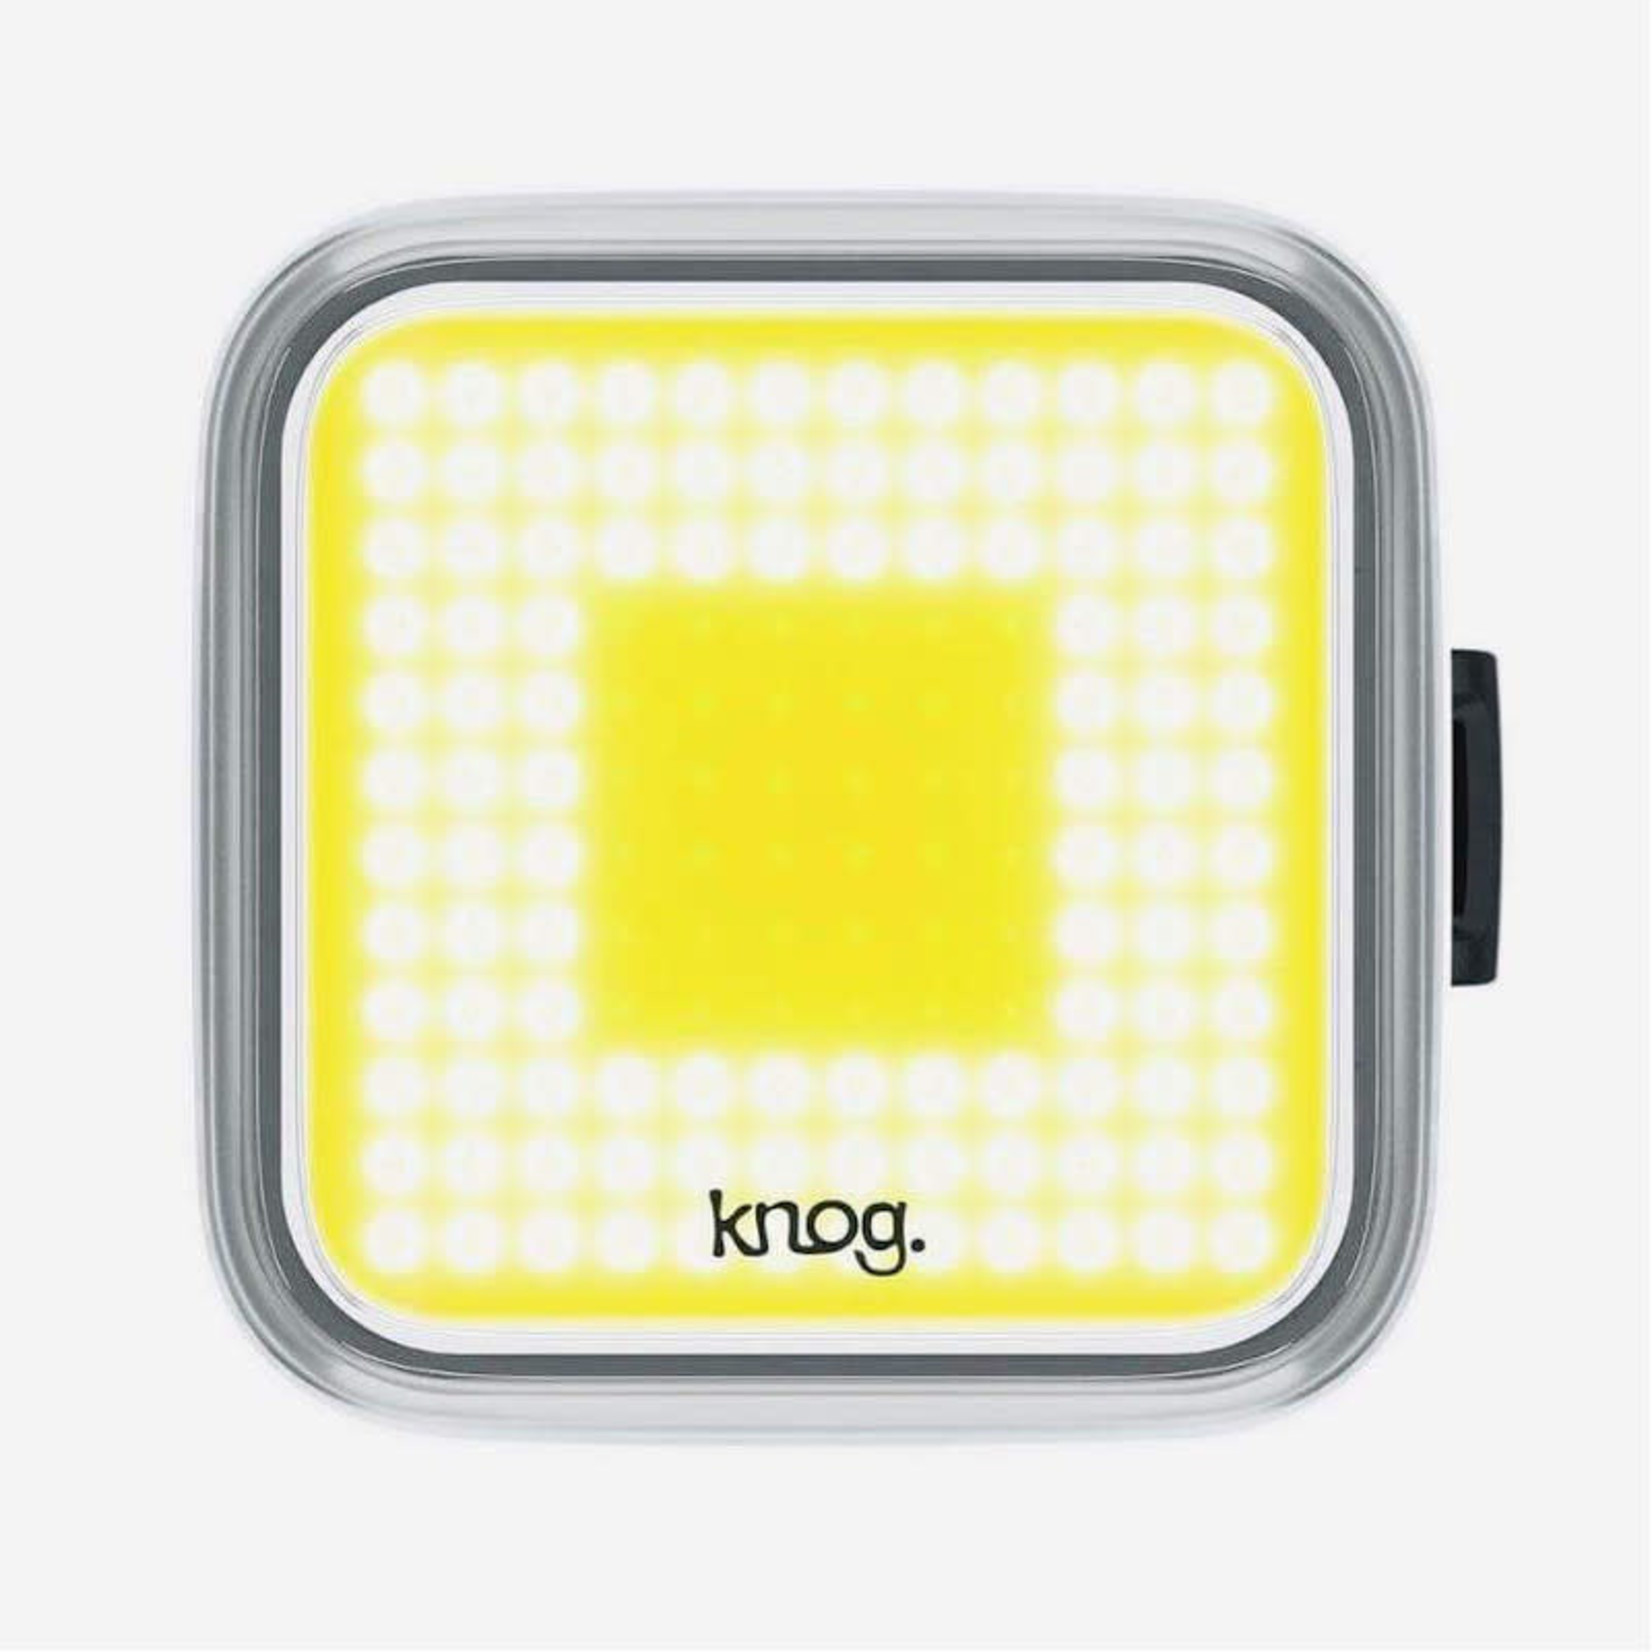 Knog KNOG - Blinder Square -  Front Bike Light